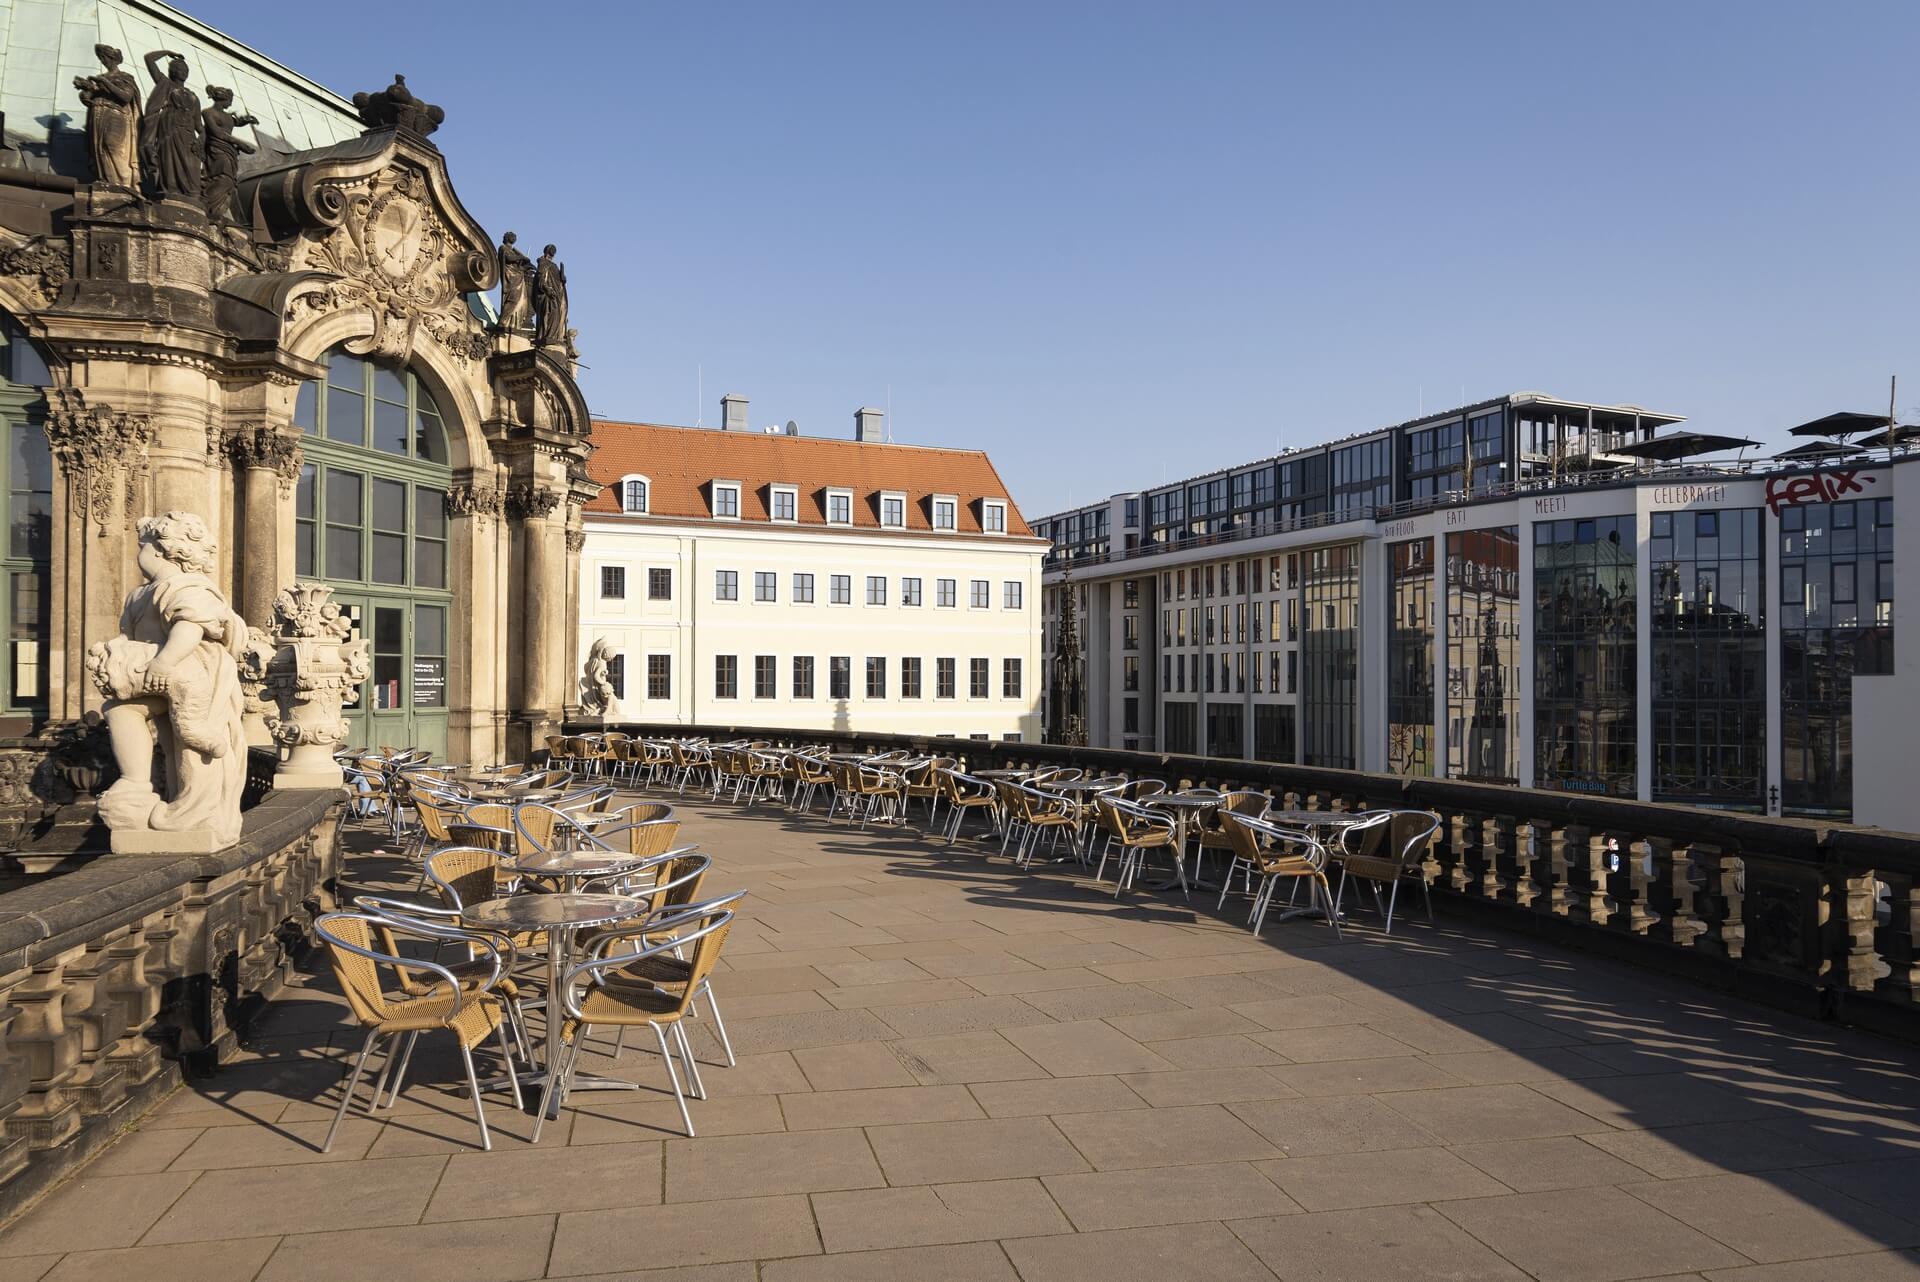 Dresden: Zwinger, Frühjahr 2020, Eindrücke von der Ausgangsbeschränkung während der COVID-19 Pandemie